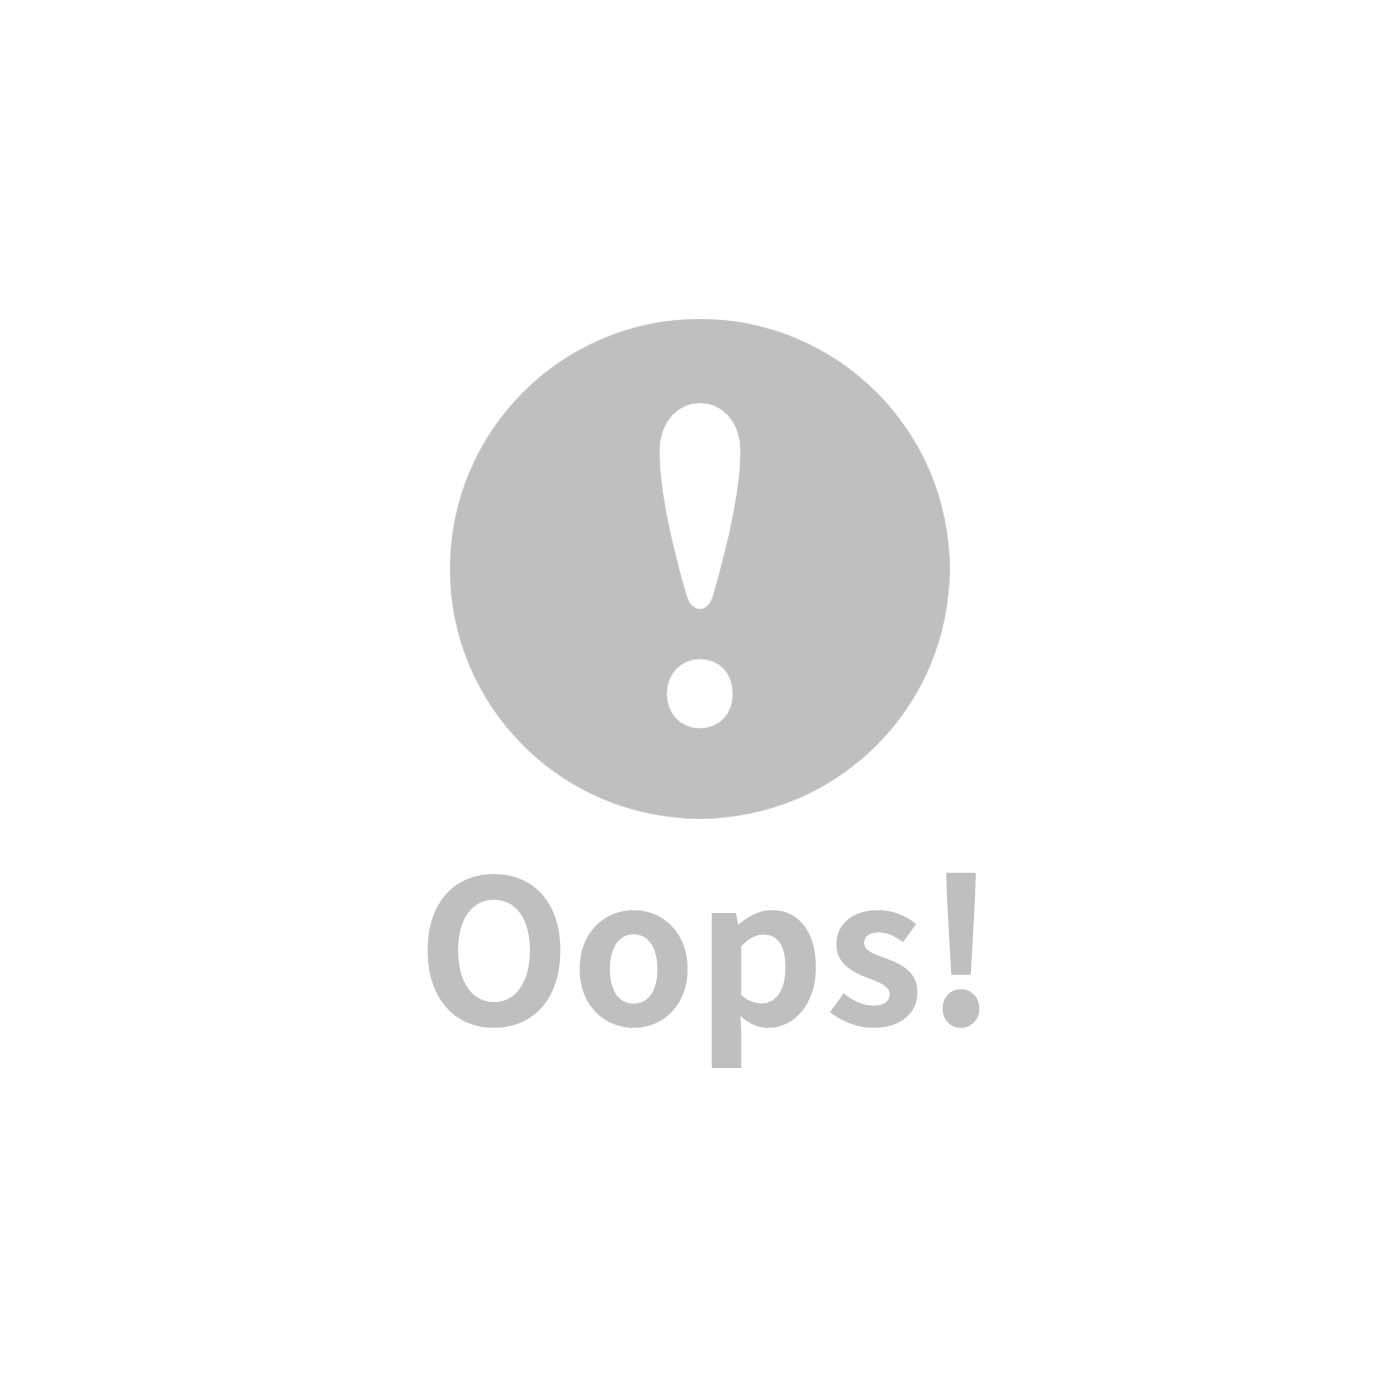 global affairs 童話手工編織安撫搖鈴_叢林系列(綠河馬)